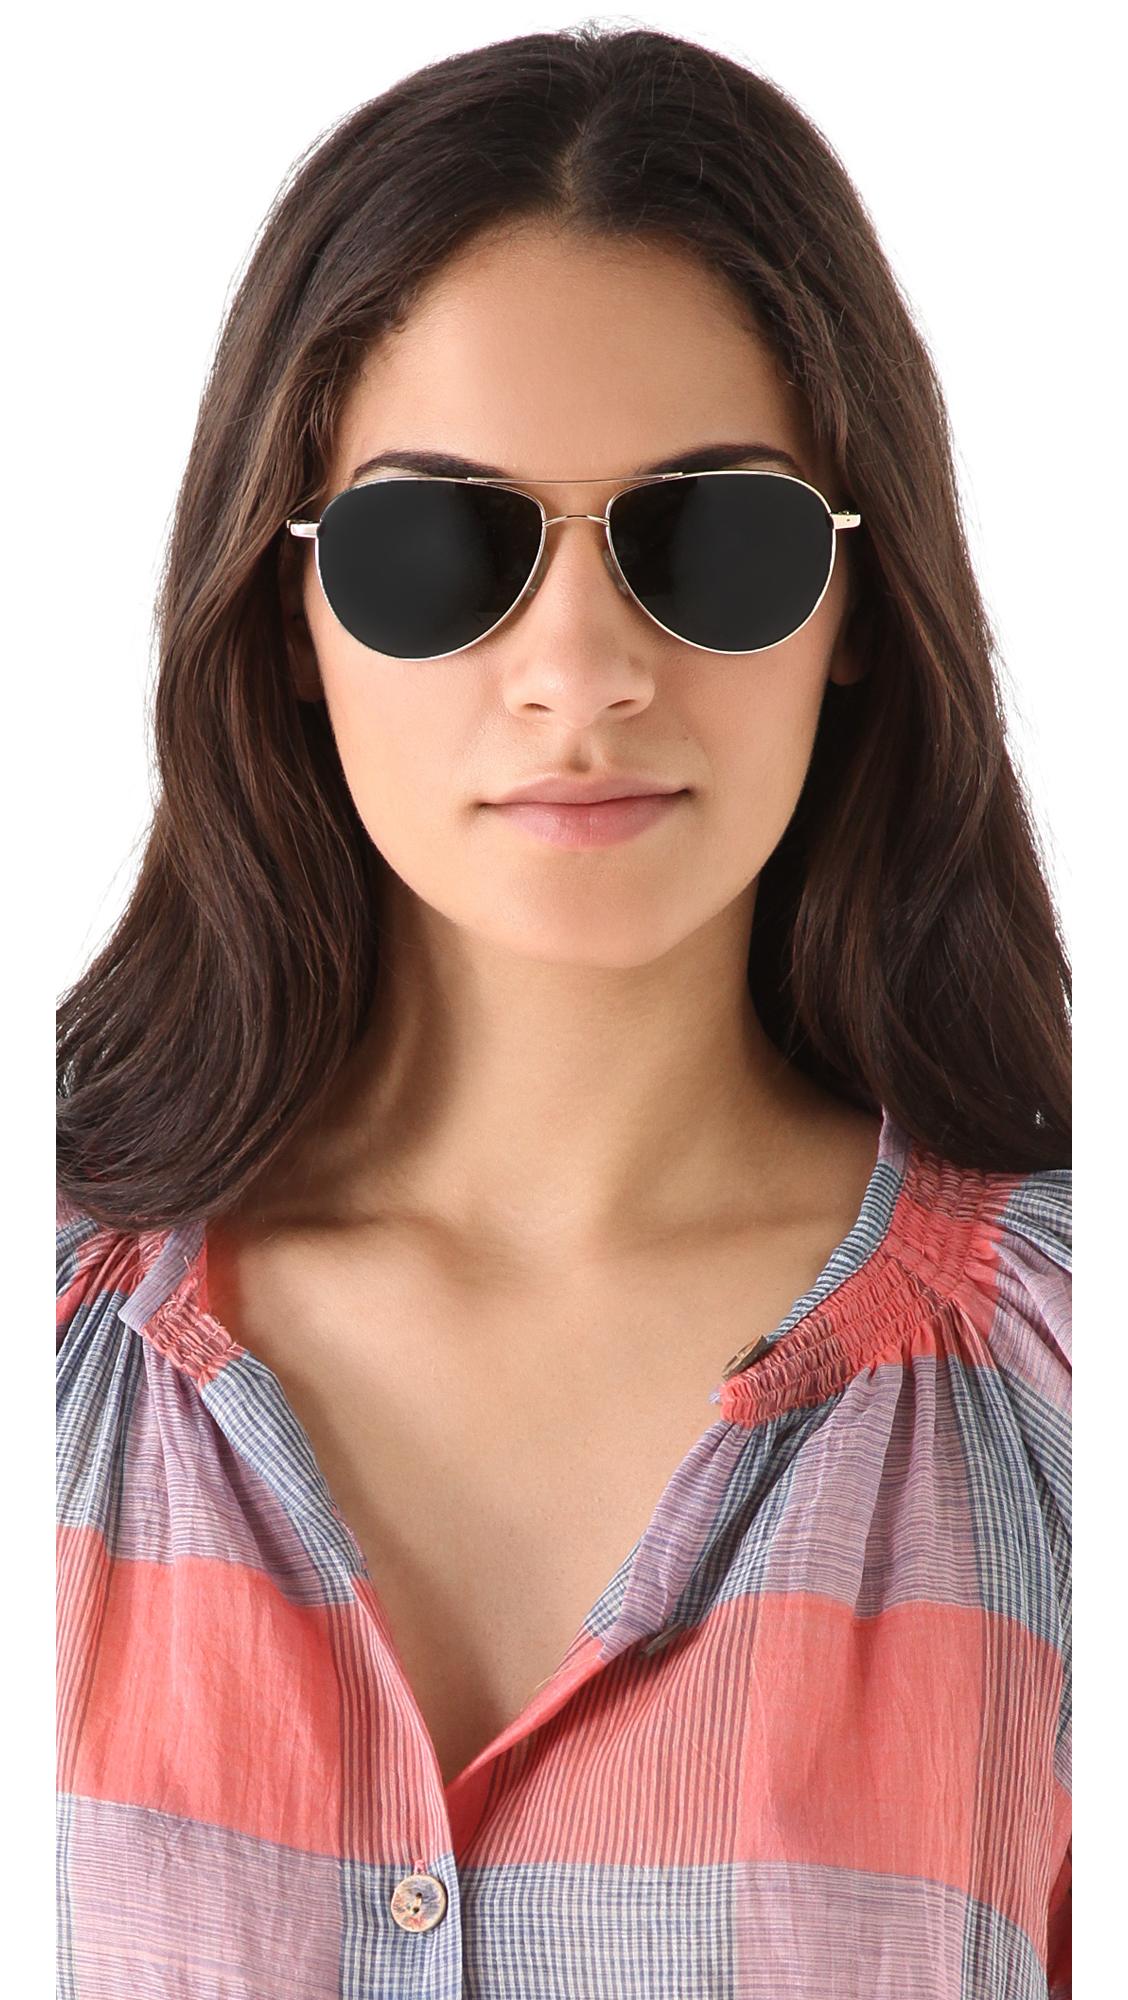 561c98ce54c Oliver Peoples Benedict Sunglasses in Metallic - Lyst